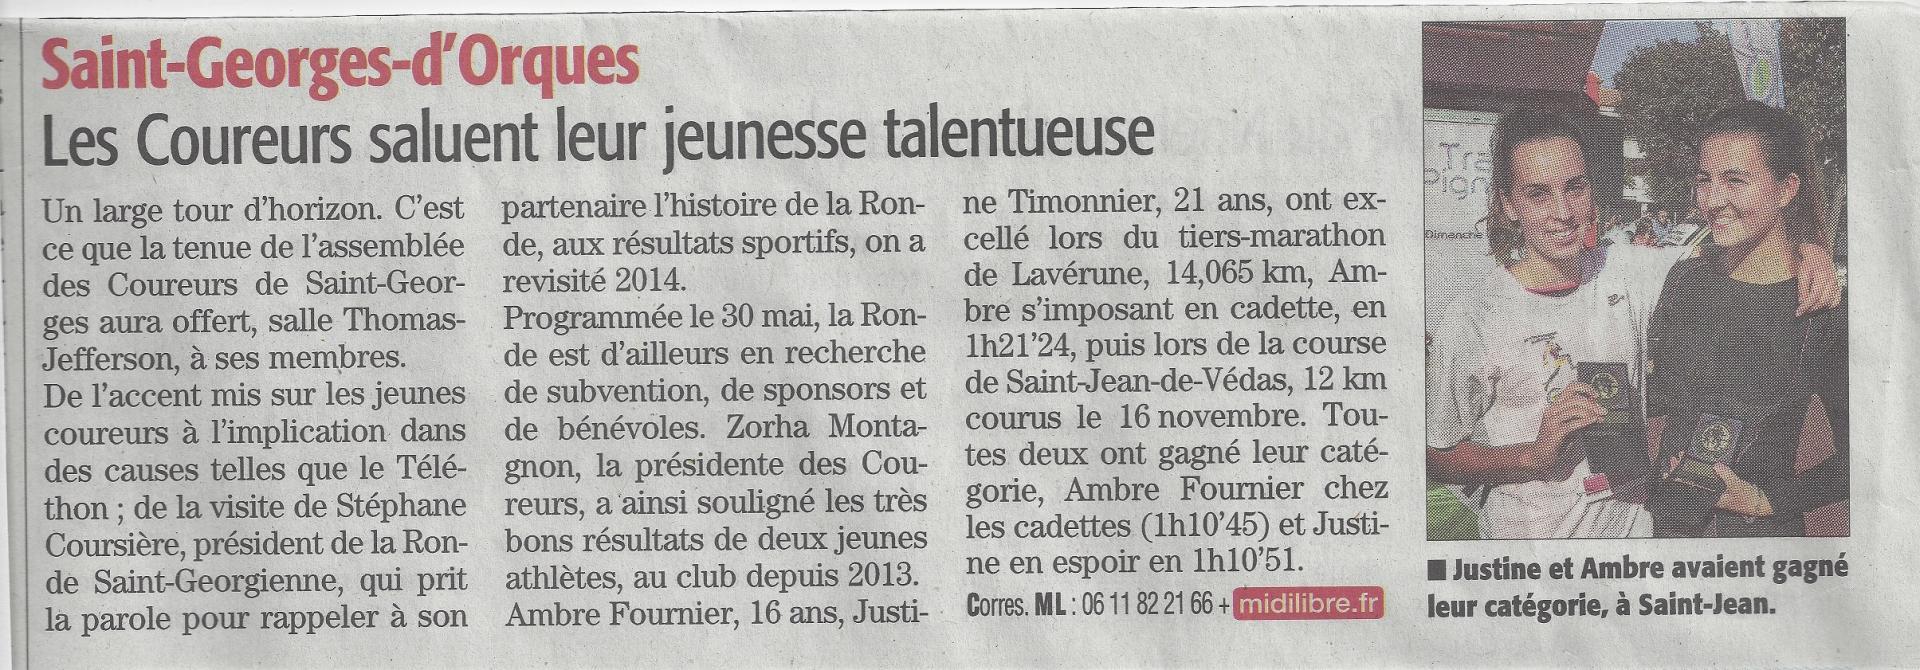 Midi libre b 21 12 2014